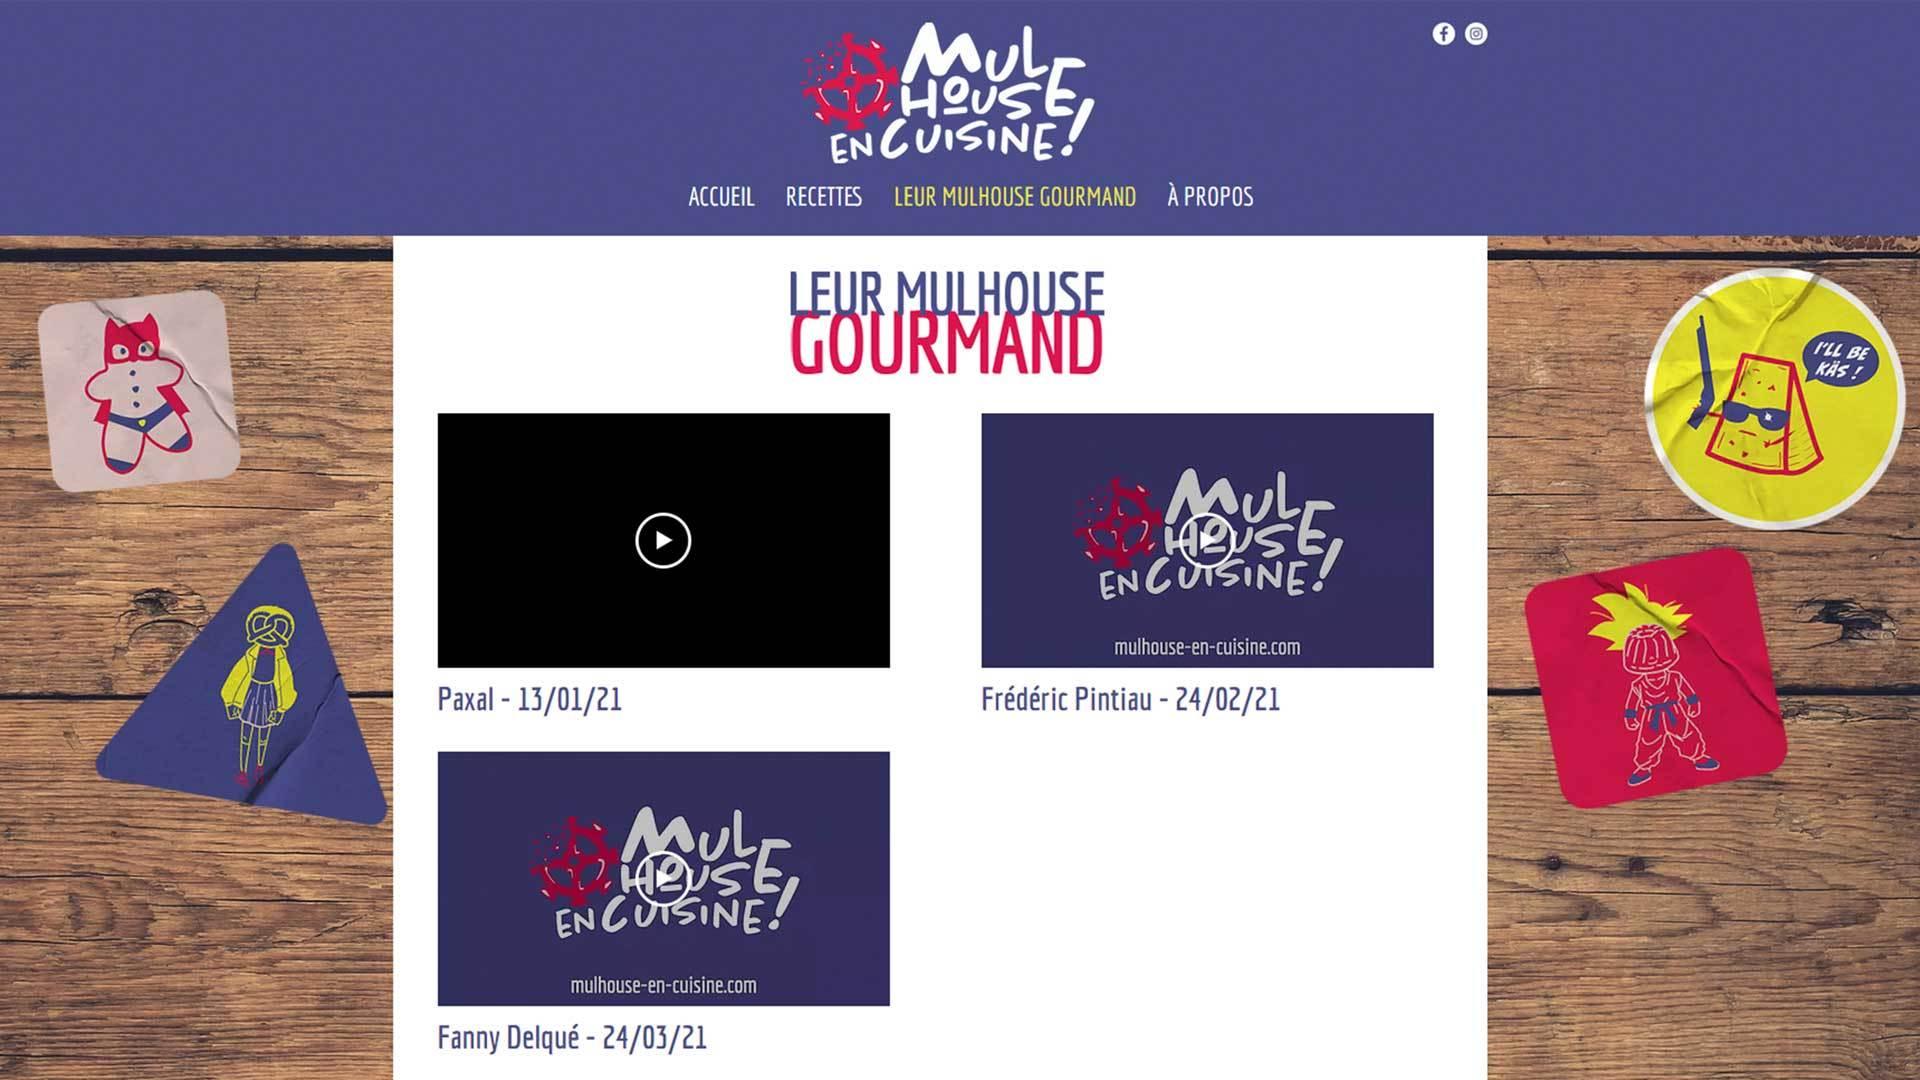 Maxime Boffy fondateur du blog Mulhouse en cuisine, à la rencontre de ceux qui font vivre la ville